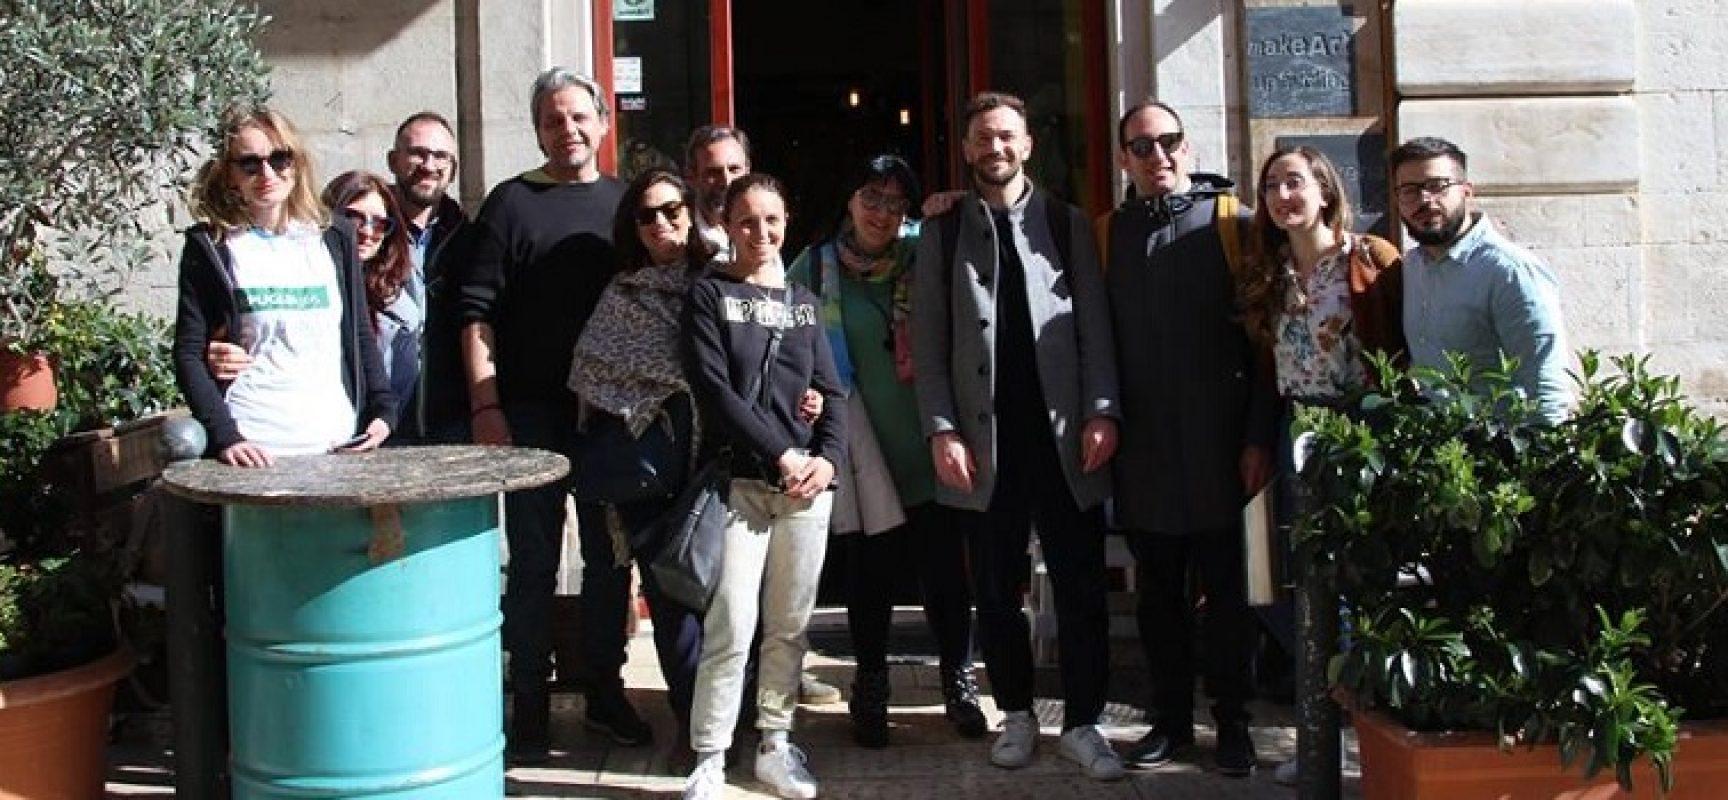 Puglia Pic Nic, secondo weekend di appuntamenti per l'evento targato InMotion Events